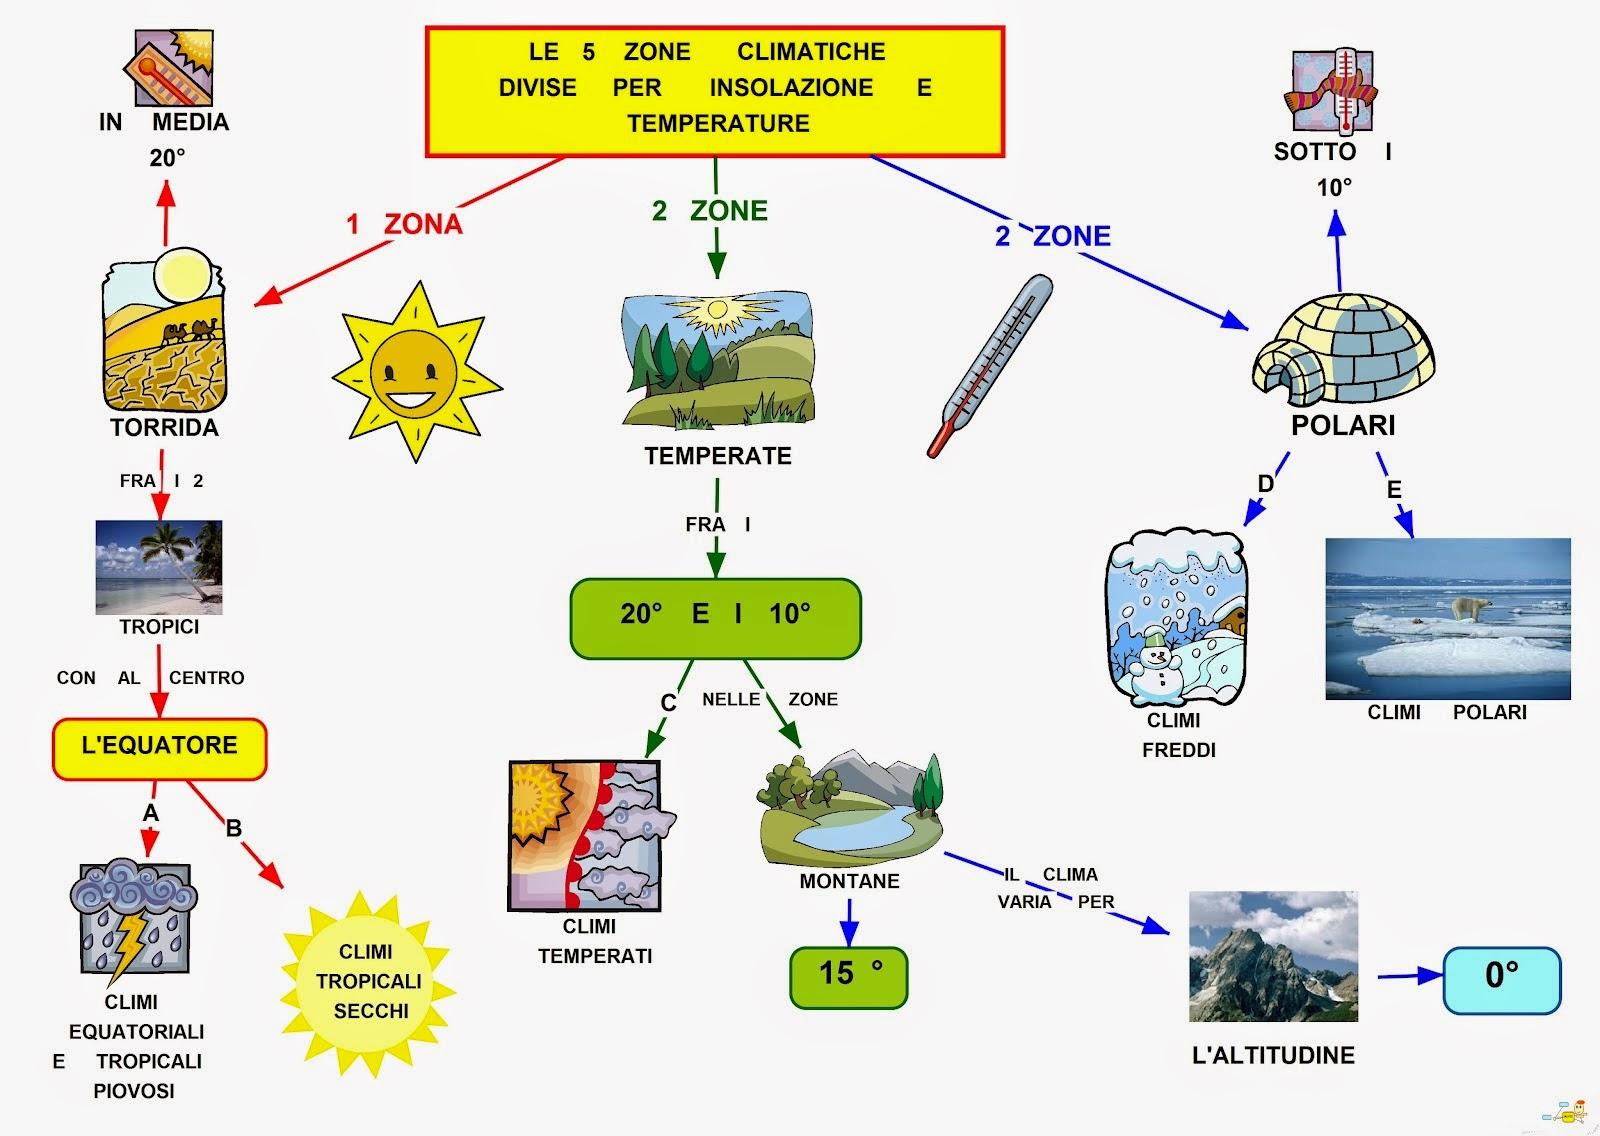 Cartina Del Mondo Con Zone Climatiche.Mappa Concettuale Zone Climatiche Insolazione E Temperature Scuolissima Com